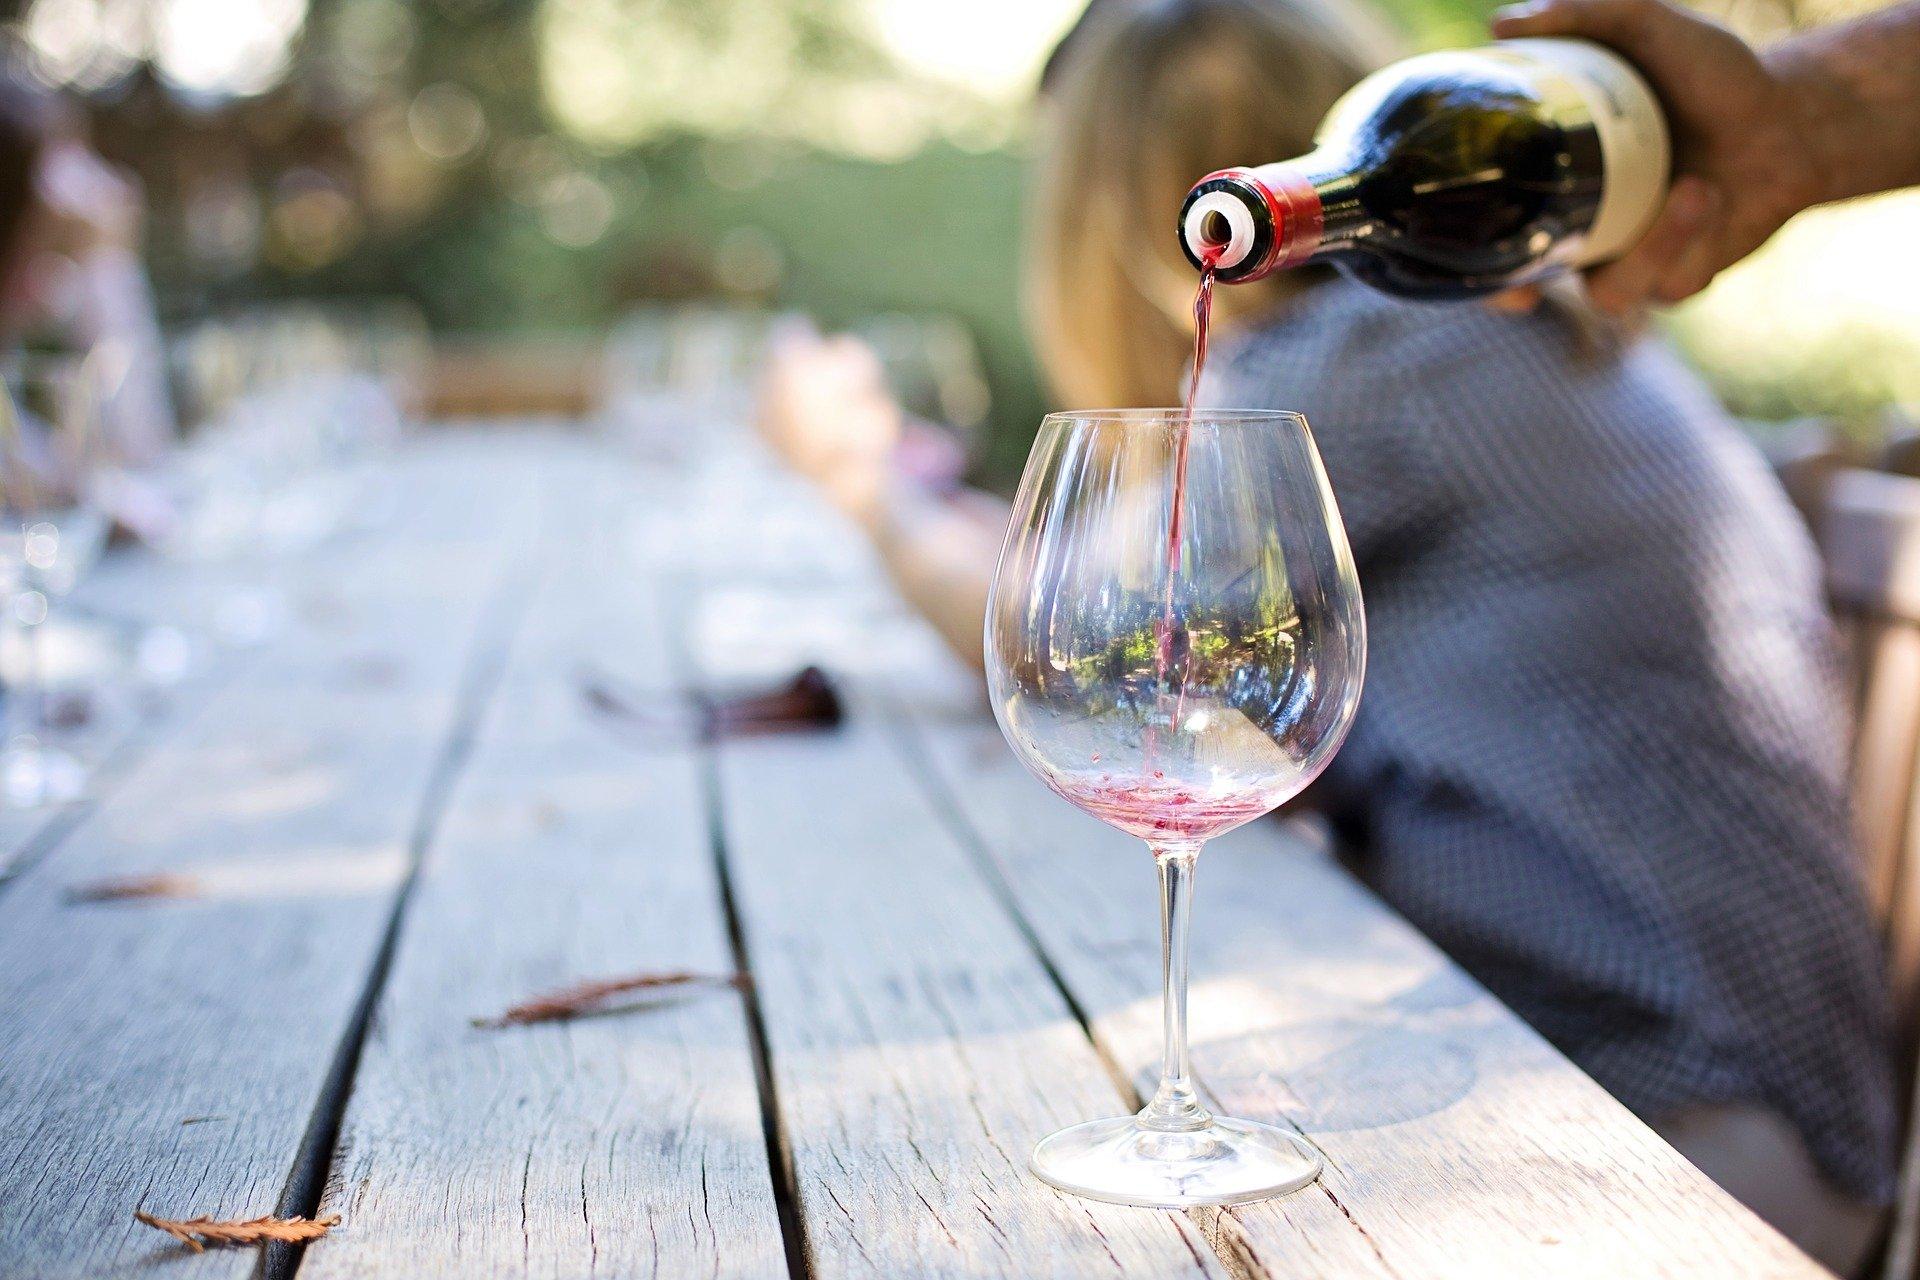 wine-1952051_1920 (1)